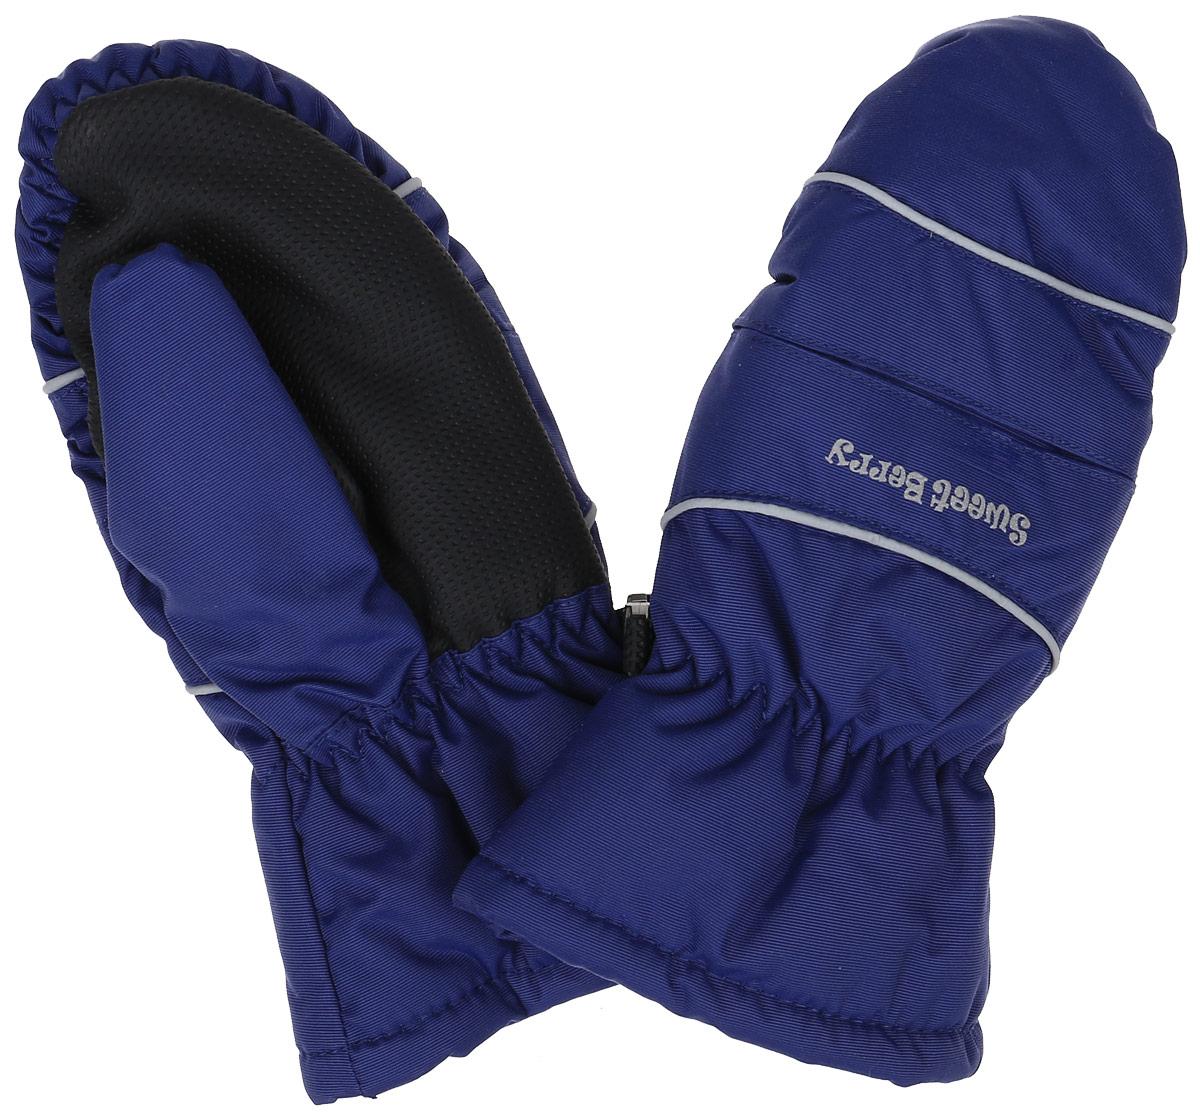 186378Варежки для мальчика Sweet Berry, изготовленные из водонепроницаемой и ветрозащитной ткани, идеально подойдут для вашего ребенка в холодное время года. Водо- и грязеотталкивающее покрытие повышает износостойкость модели, что обеспечит ей хороший внешний вид на всем протяжении носки. В качестве наполнителя используется полиэстер, который отлично сохраняет тепло. Для большего комфорта подкладка варежек выполнена из мягкого и теплого флиса. Варежки с широкими манжетами на запястьях присборены на эластичные резинки, которые препятствуют попаданию снега. На ладошках и больших пальцах модель дополнена специальными вставками из прорезиненного материала. Имеются светоотражающие элементы для безопасности в темное время суток. Варежки фиксируются между собой. Рекомендуемый температурный режим до -30°С.